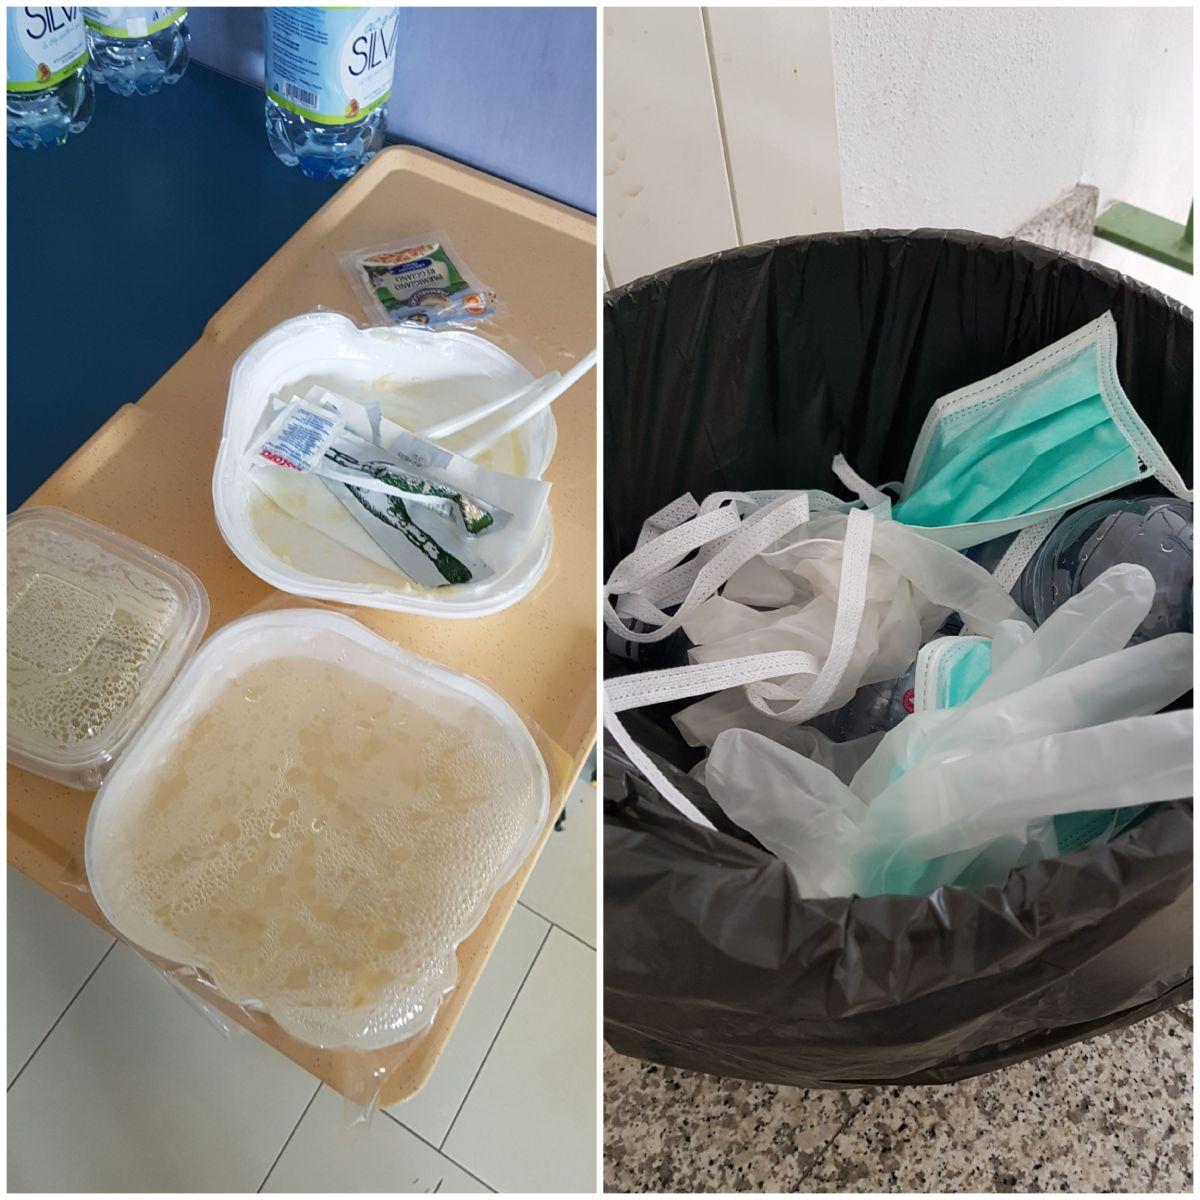 °°L'incredibile quantità di rifiuti in plastica prodotta dagli ospedali°°